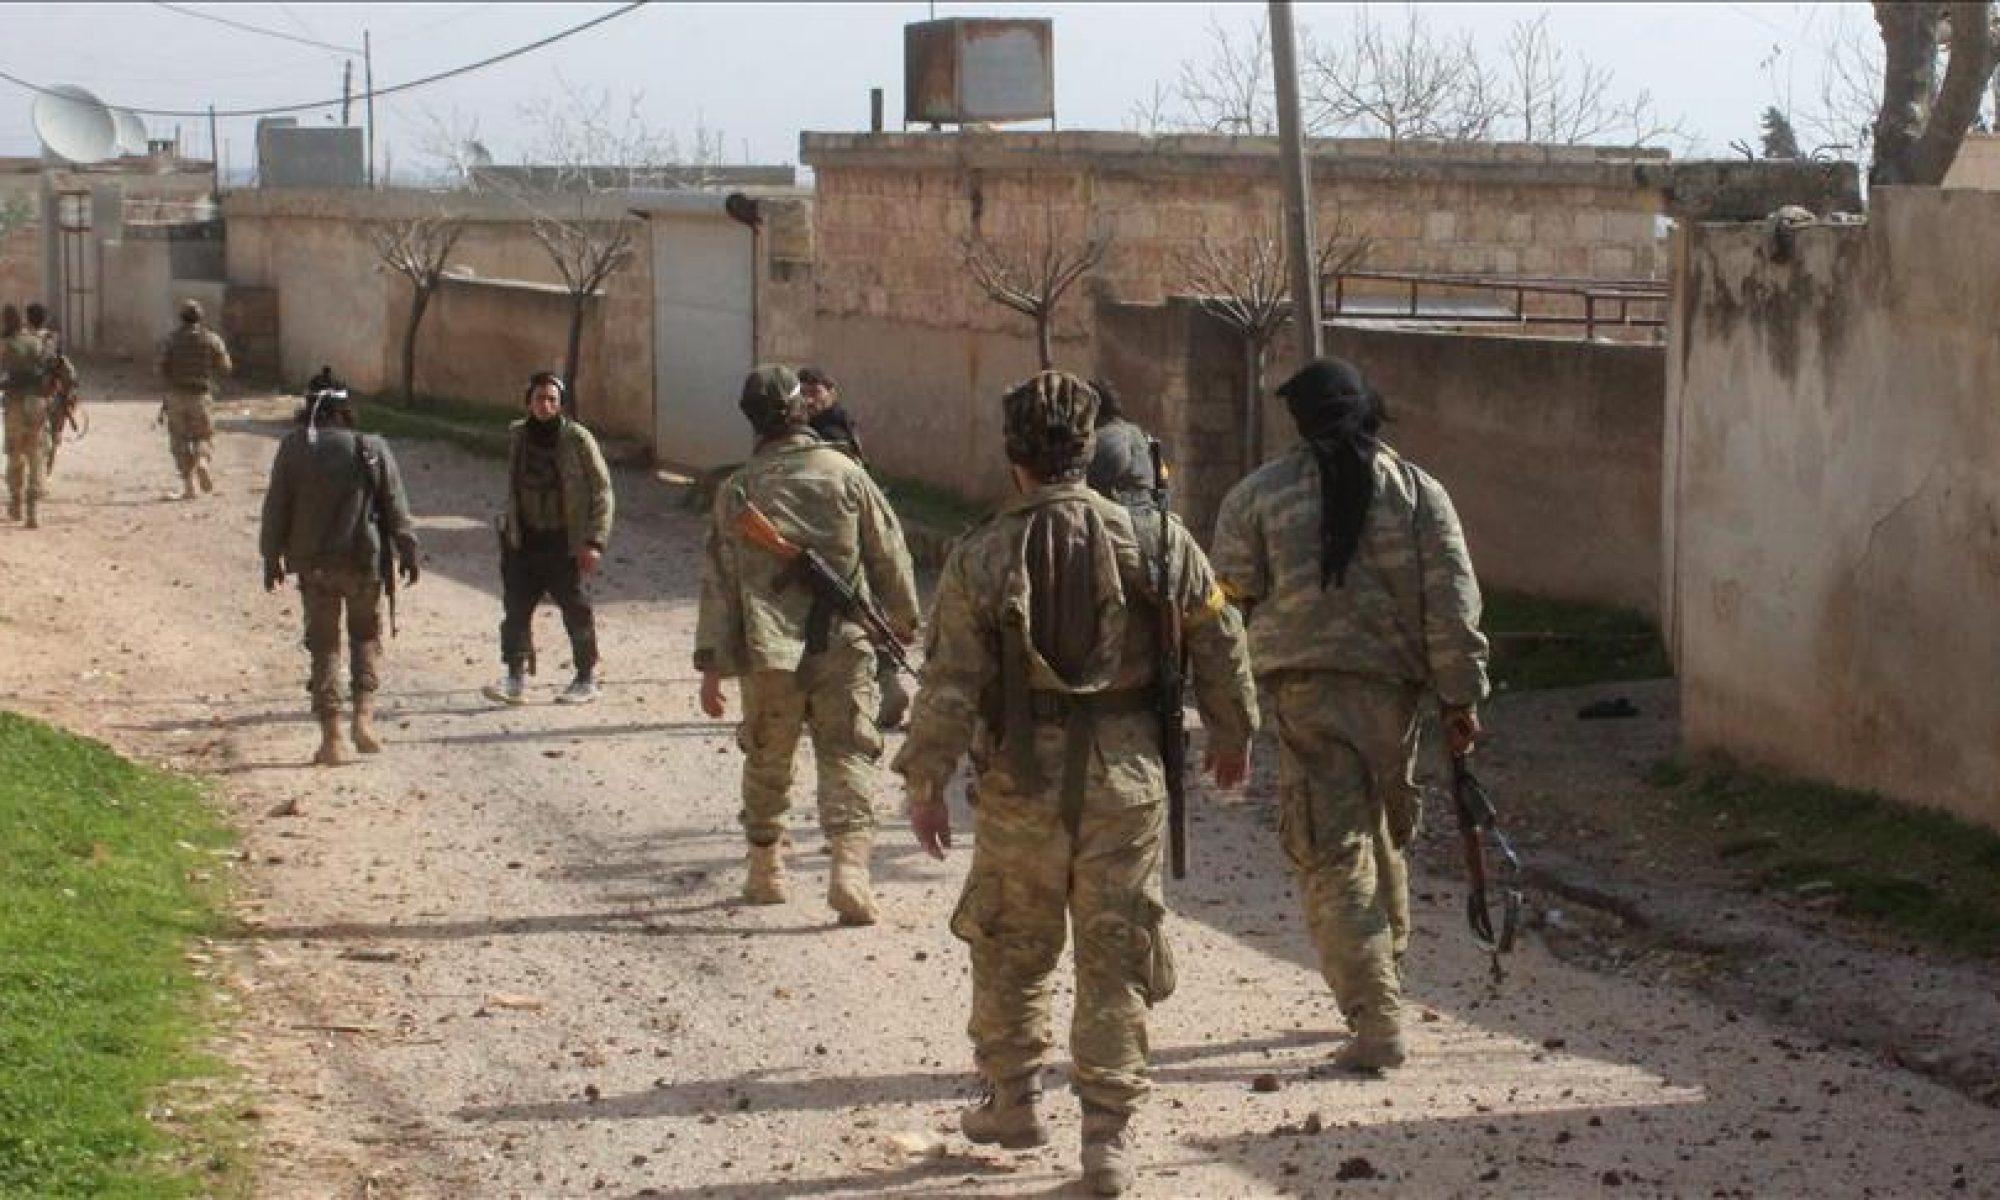 Afrin'de silahlı gruplar tarafından kaçırılan 5 Kürt kadın, ÖSO'ya bağlı Hamza Tümeni'ne bağlı bir karakoldaki hapishanede bulundu